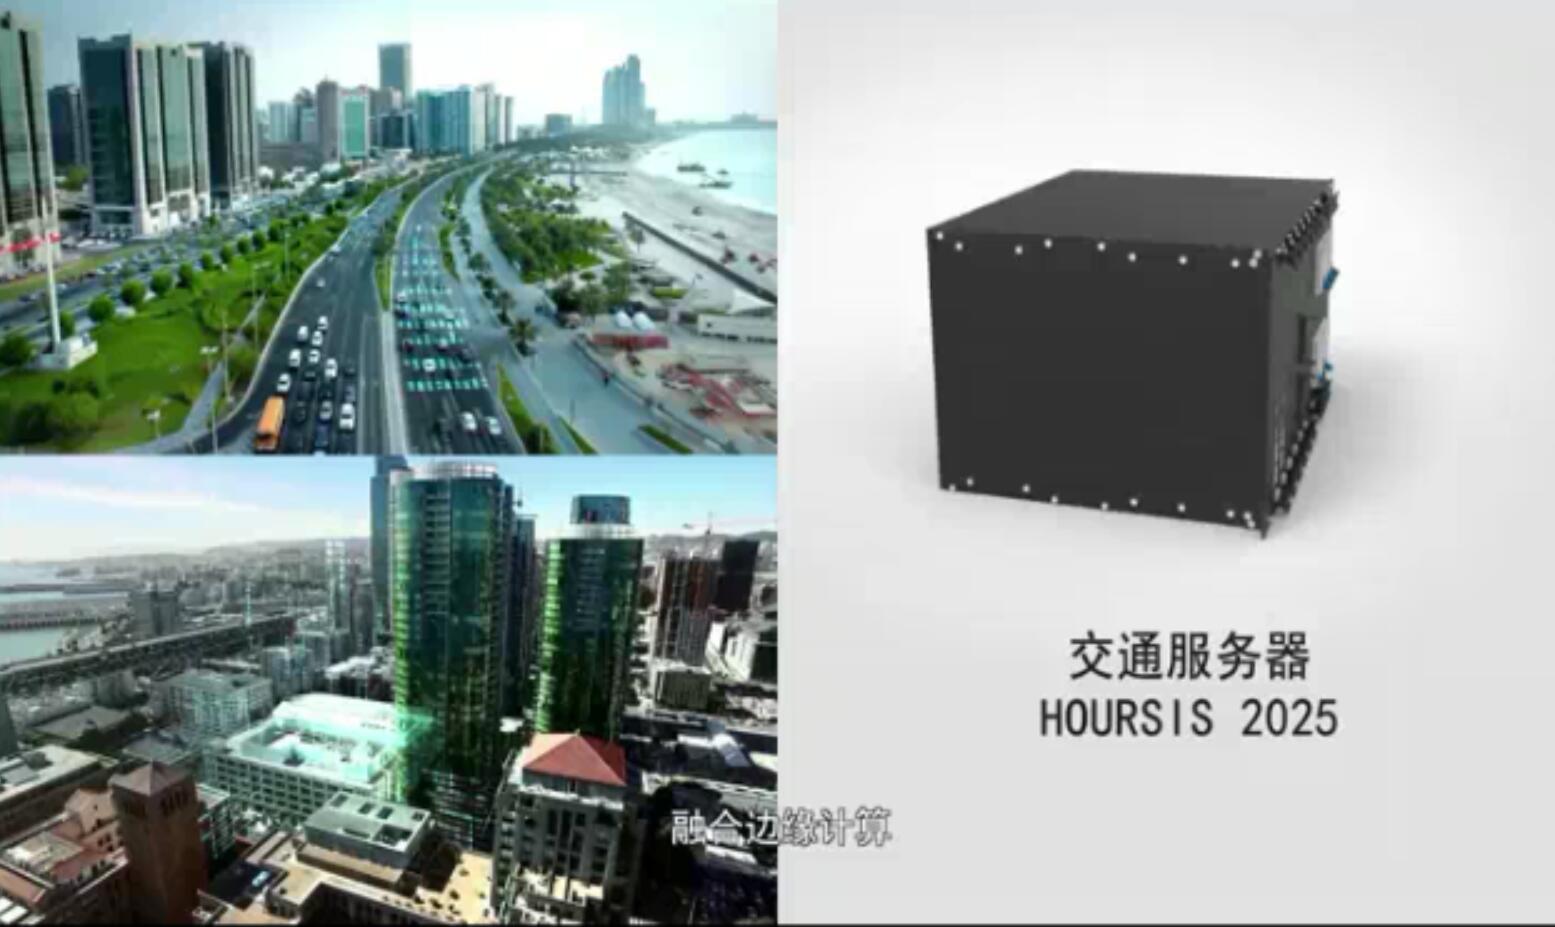 东土科技智慧城市解决方案